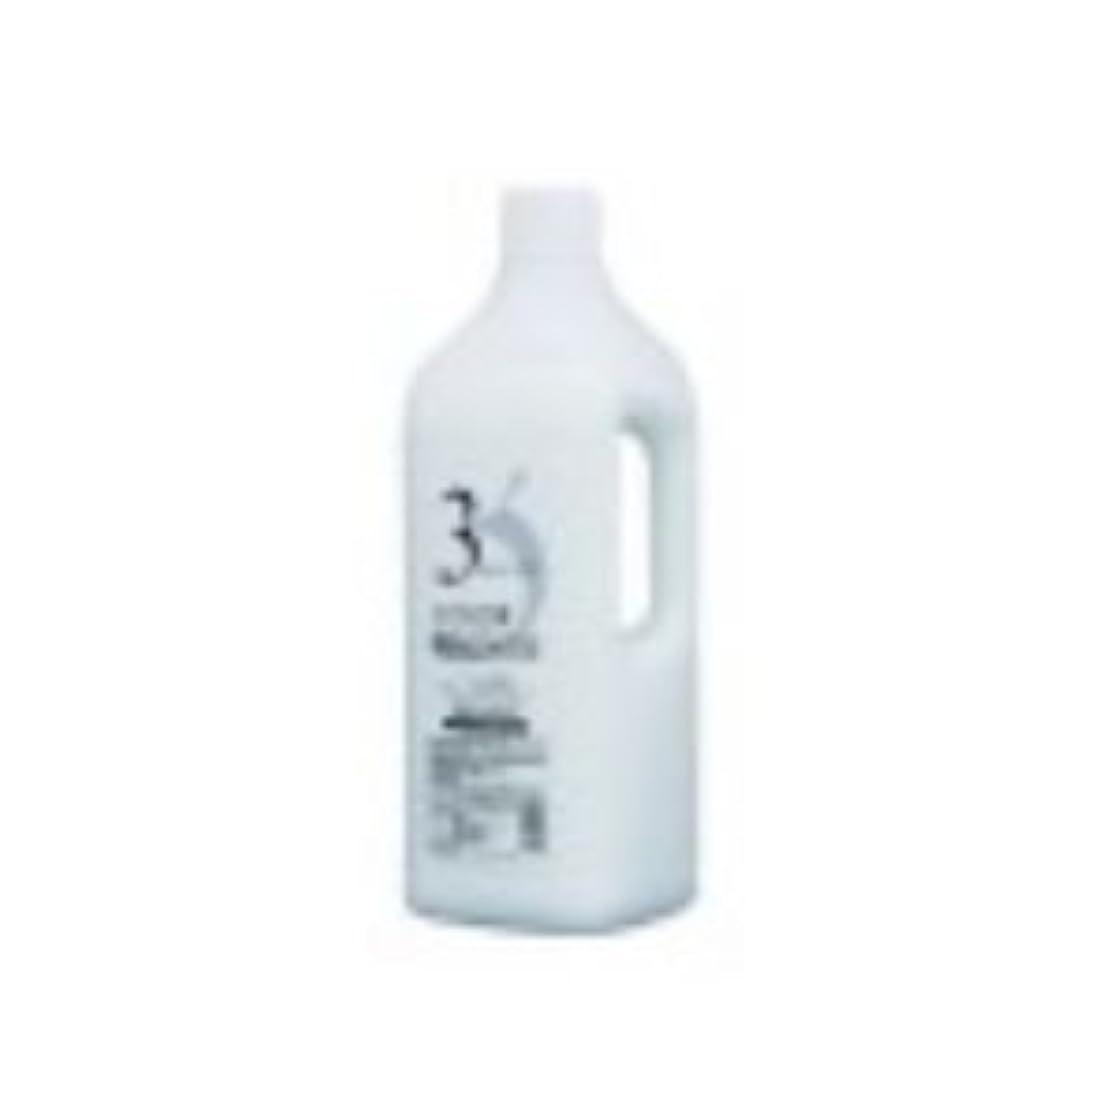 バナー市の花致命的なメロスコスメティックス ヘアカラーファンデーション プロキサイド?ヘアカラー用2剤 3% 2000ml